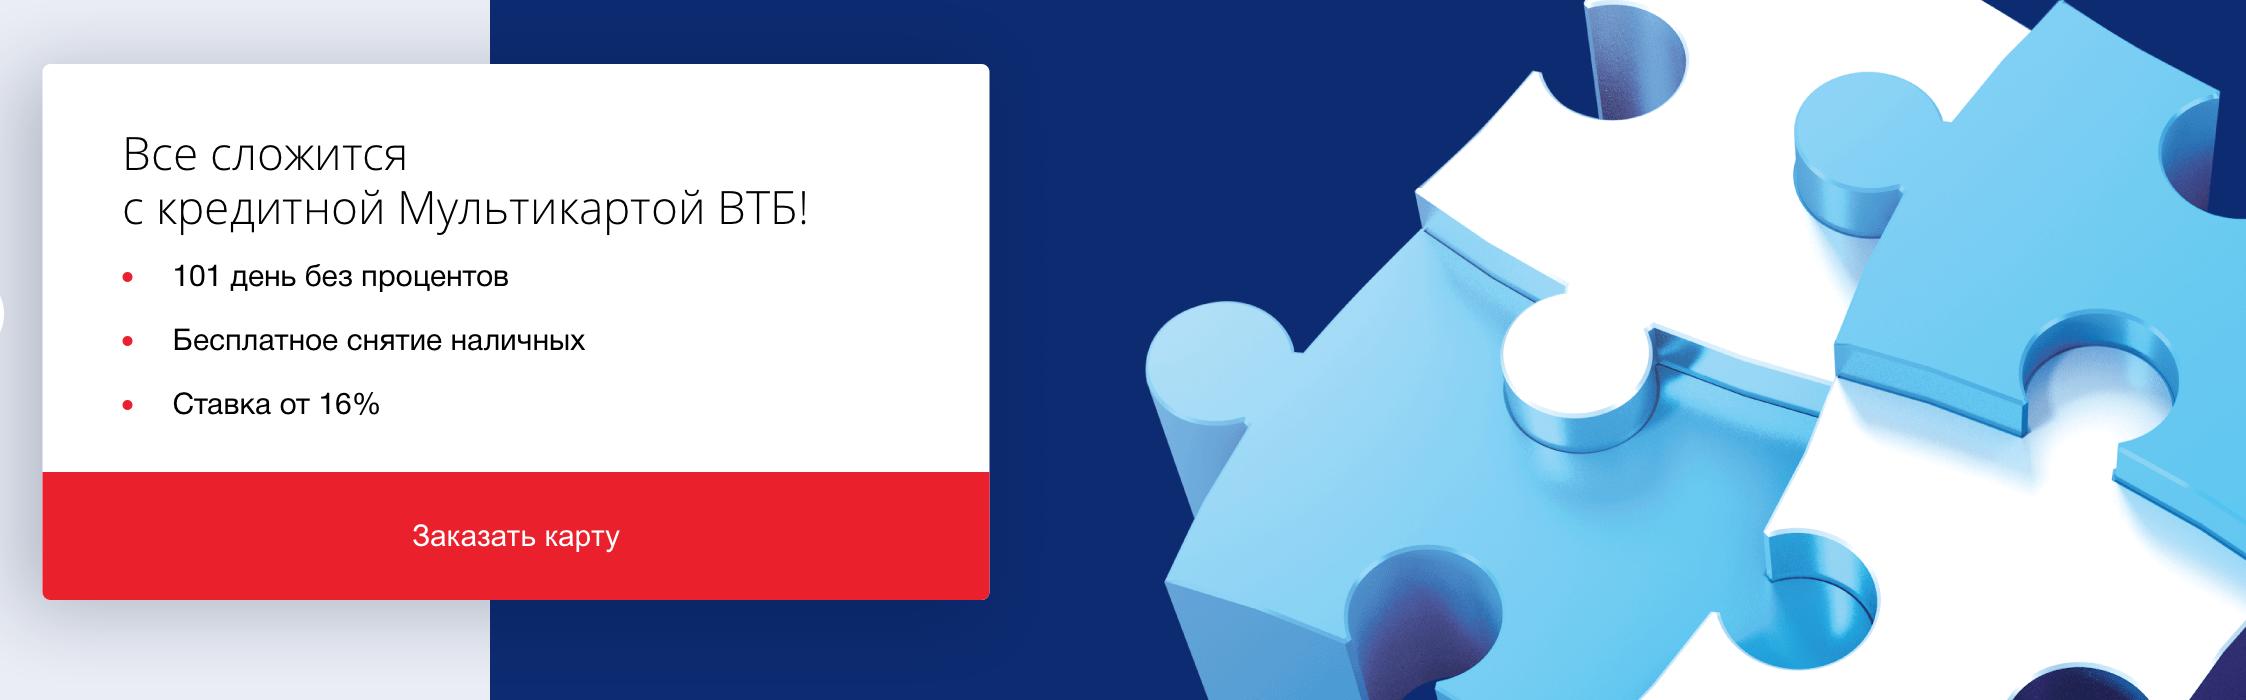 Втб 24 кредитная карта 100 дней без процентов условия отзывы